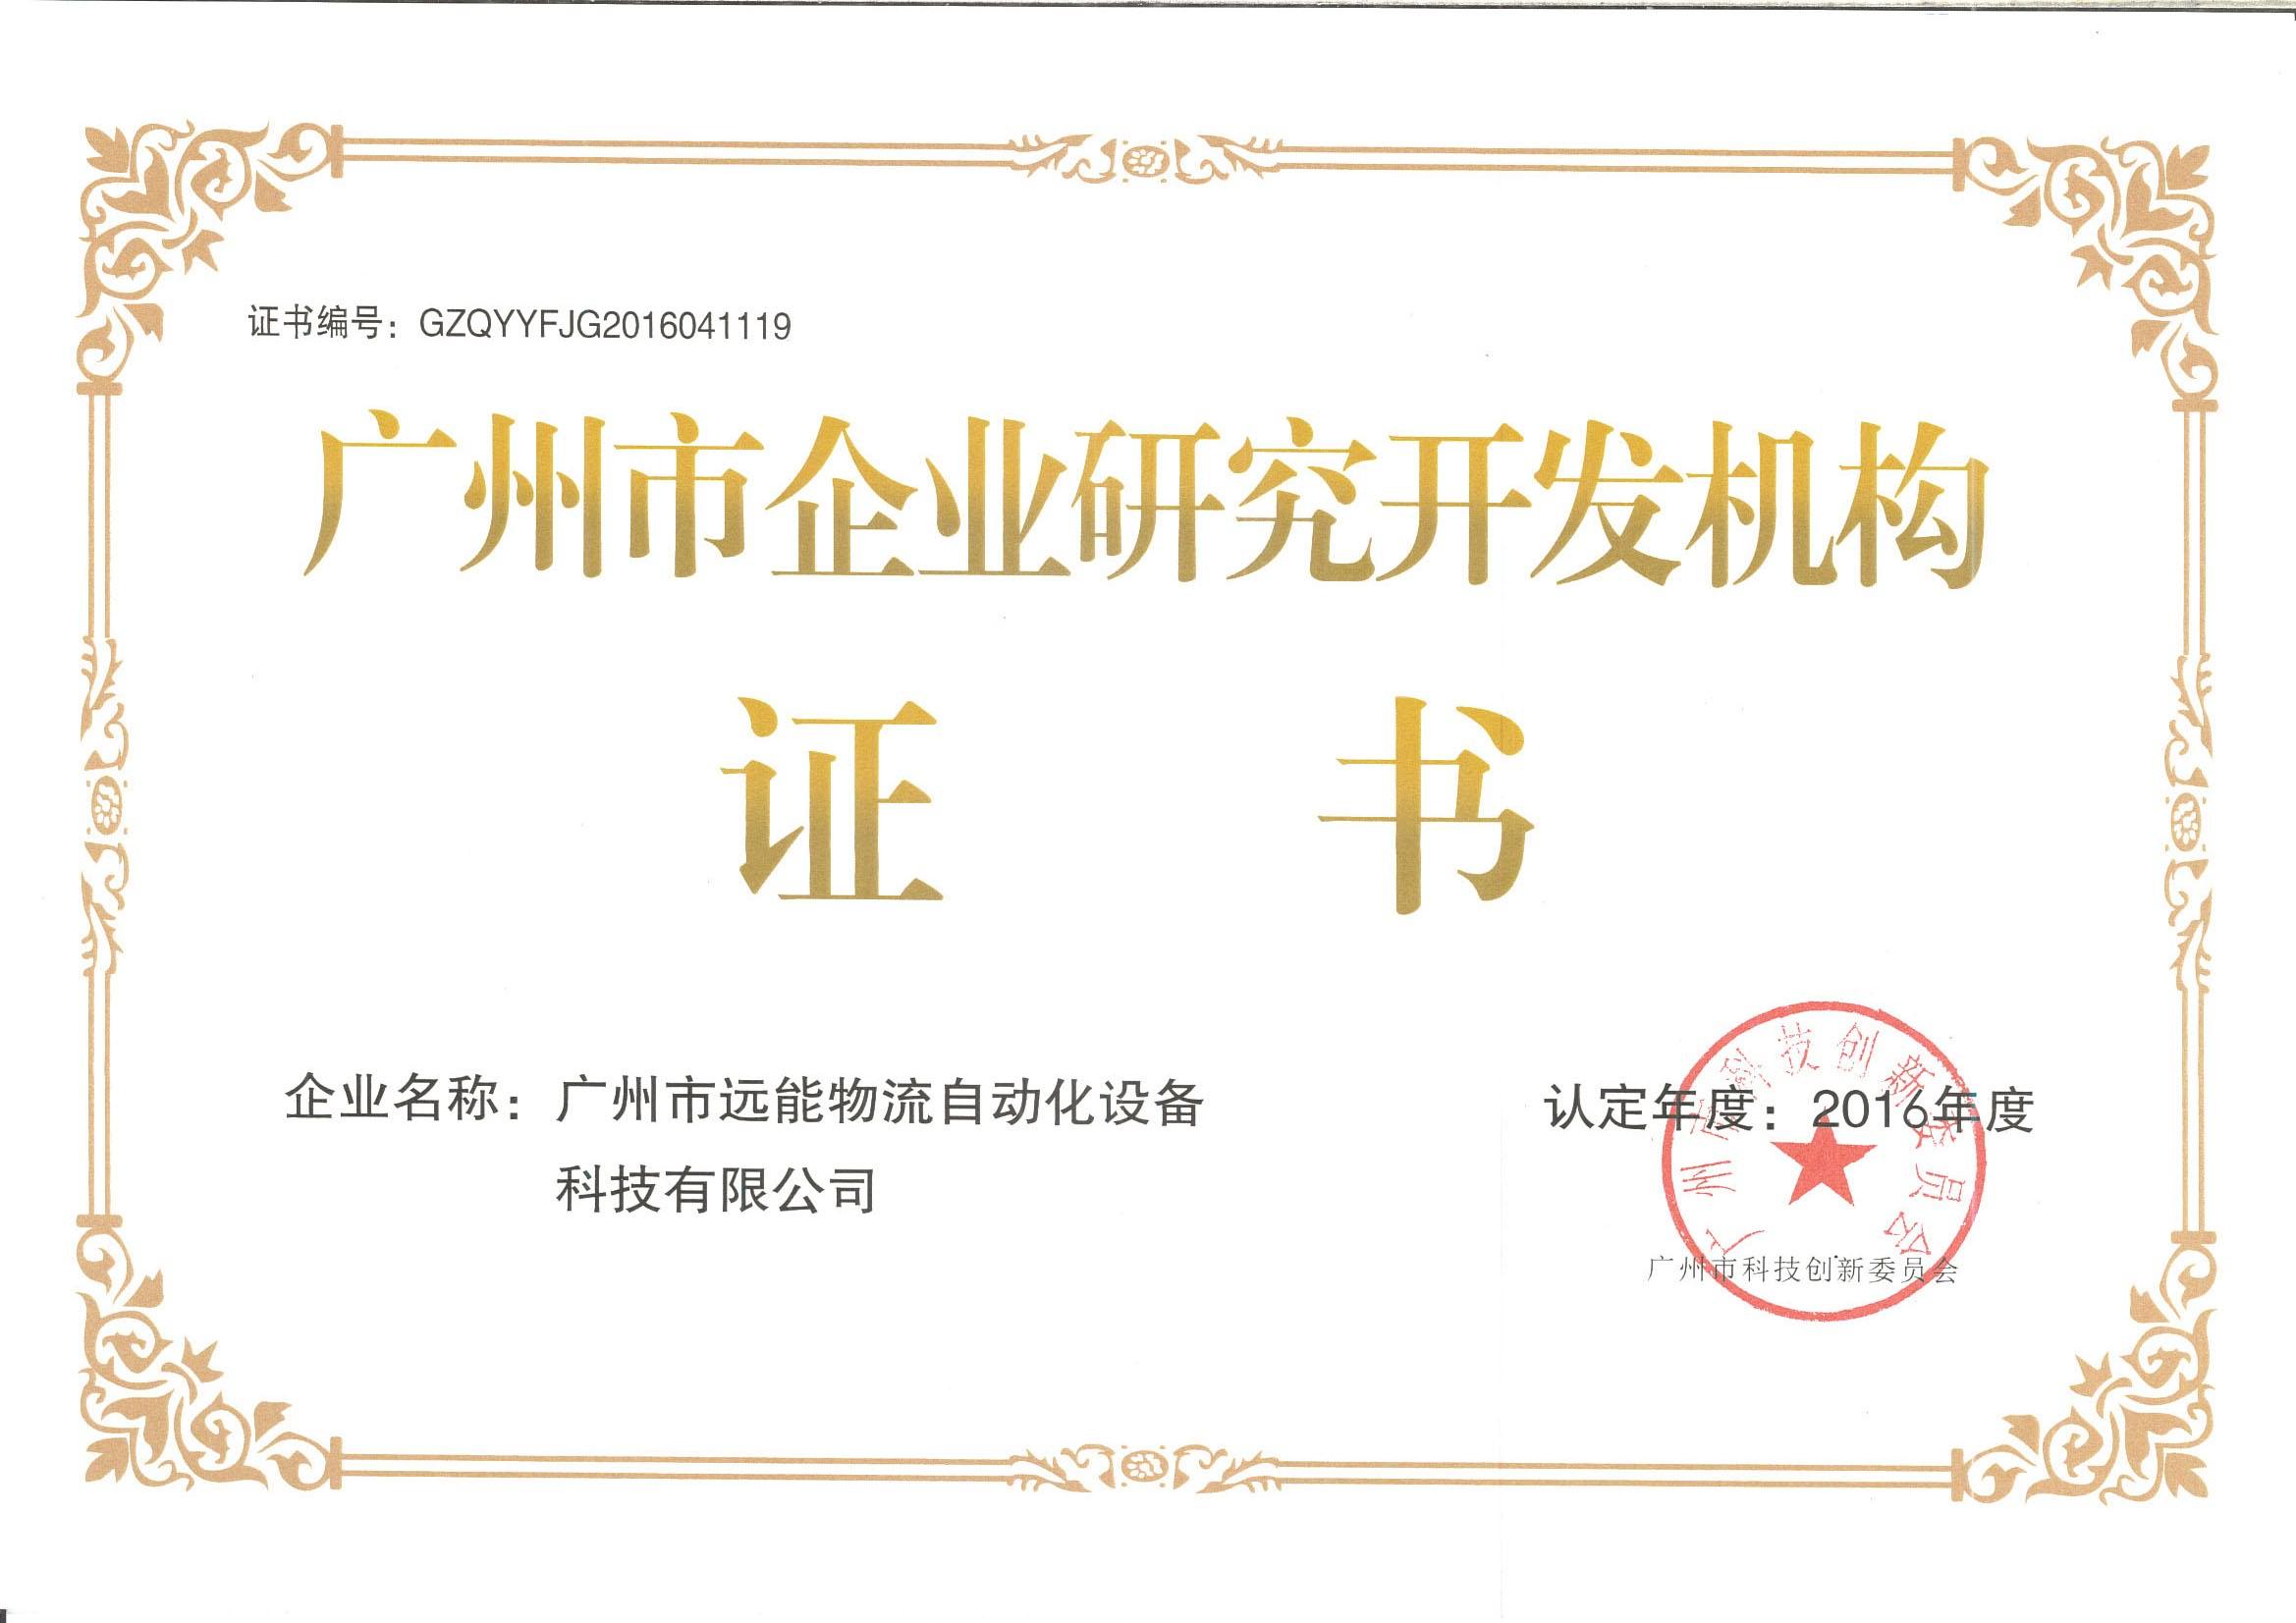 企业研发机构证书